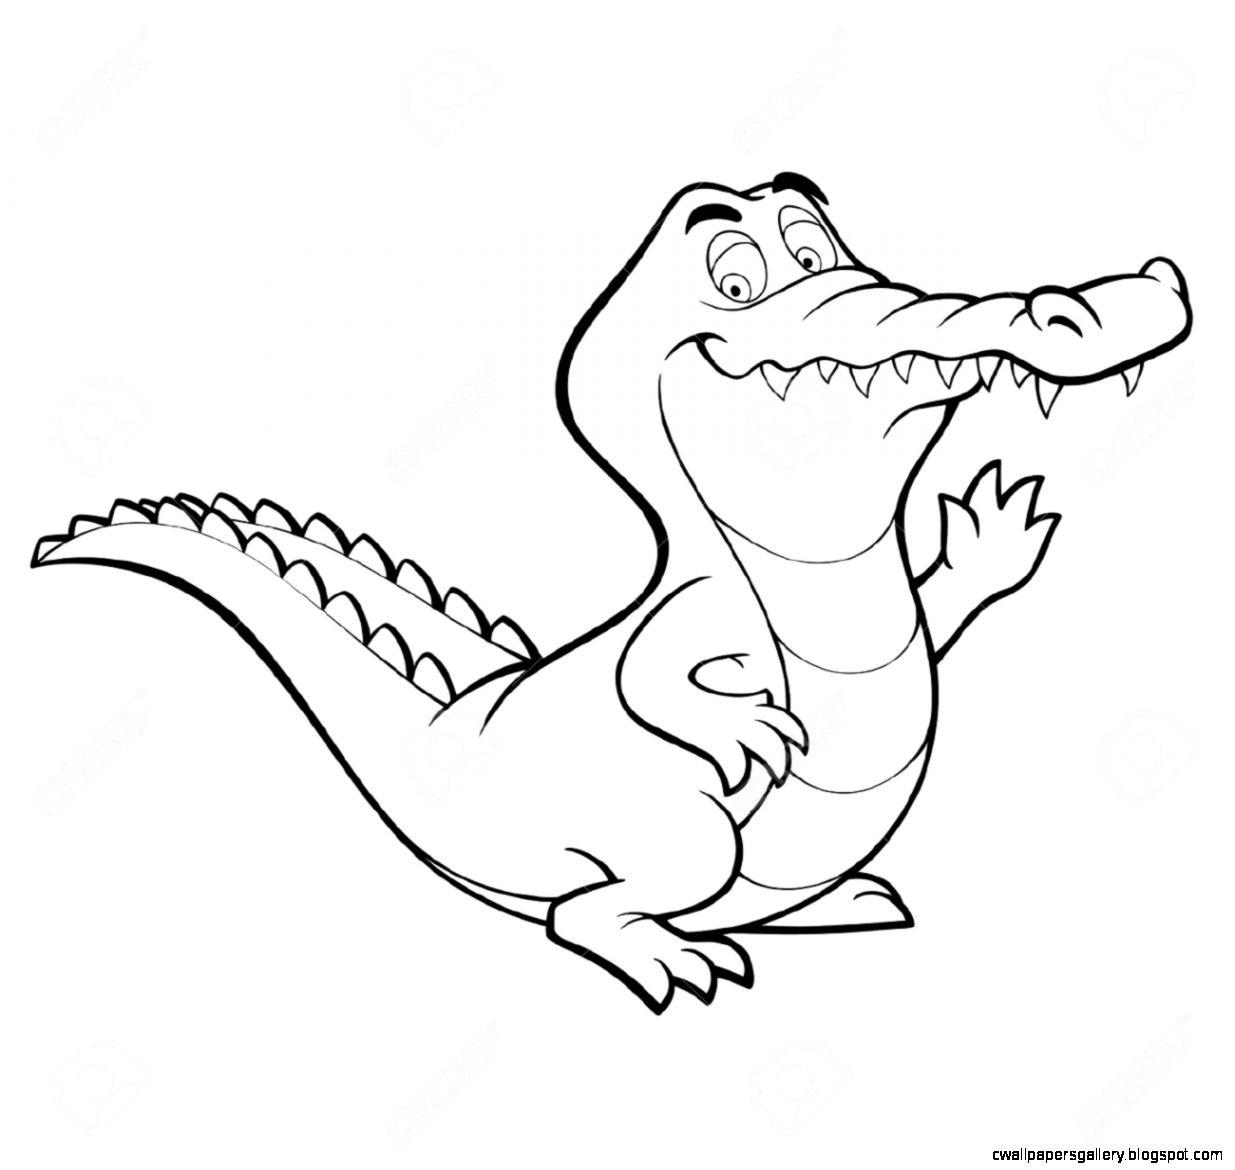 Crocodile Clipart Black And White